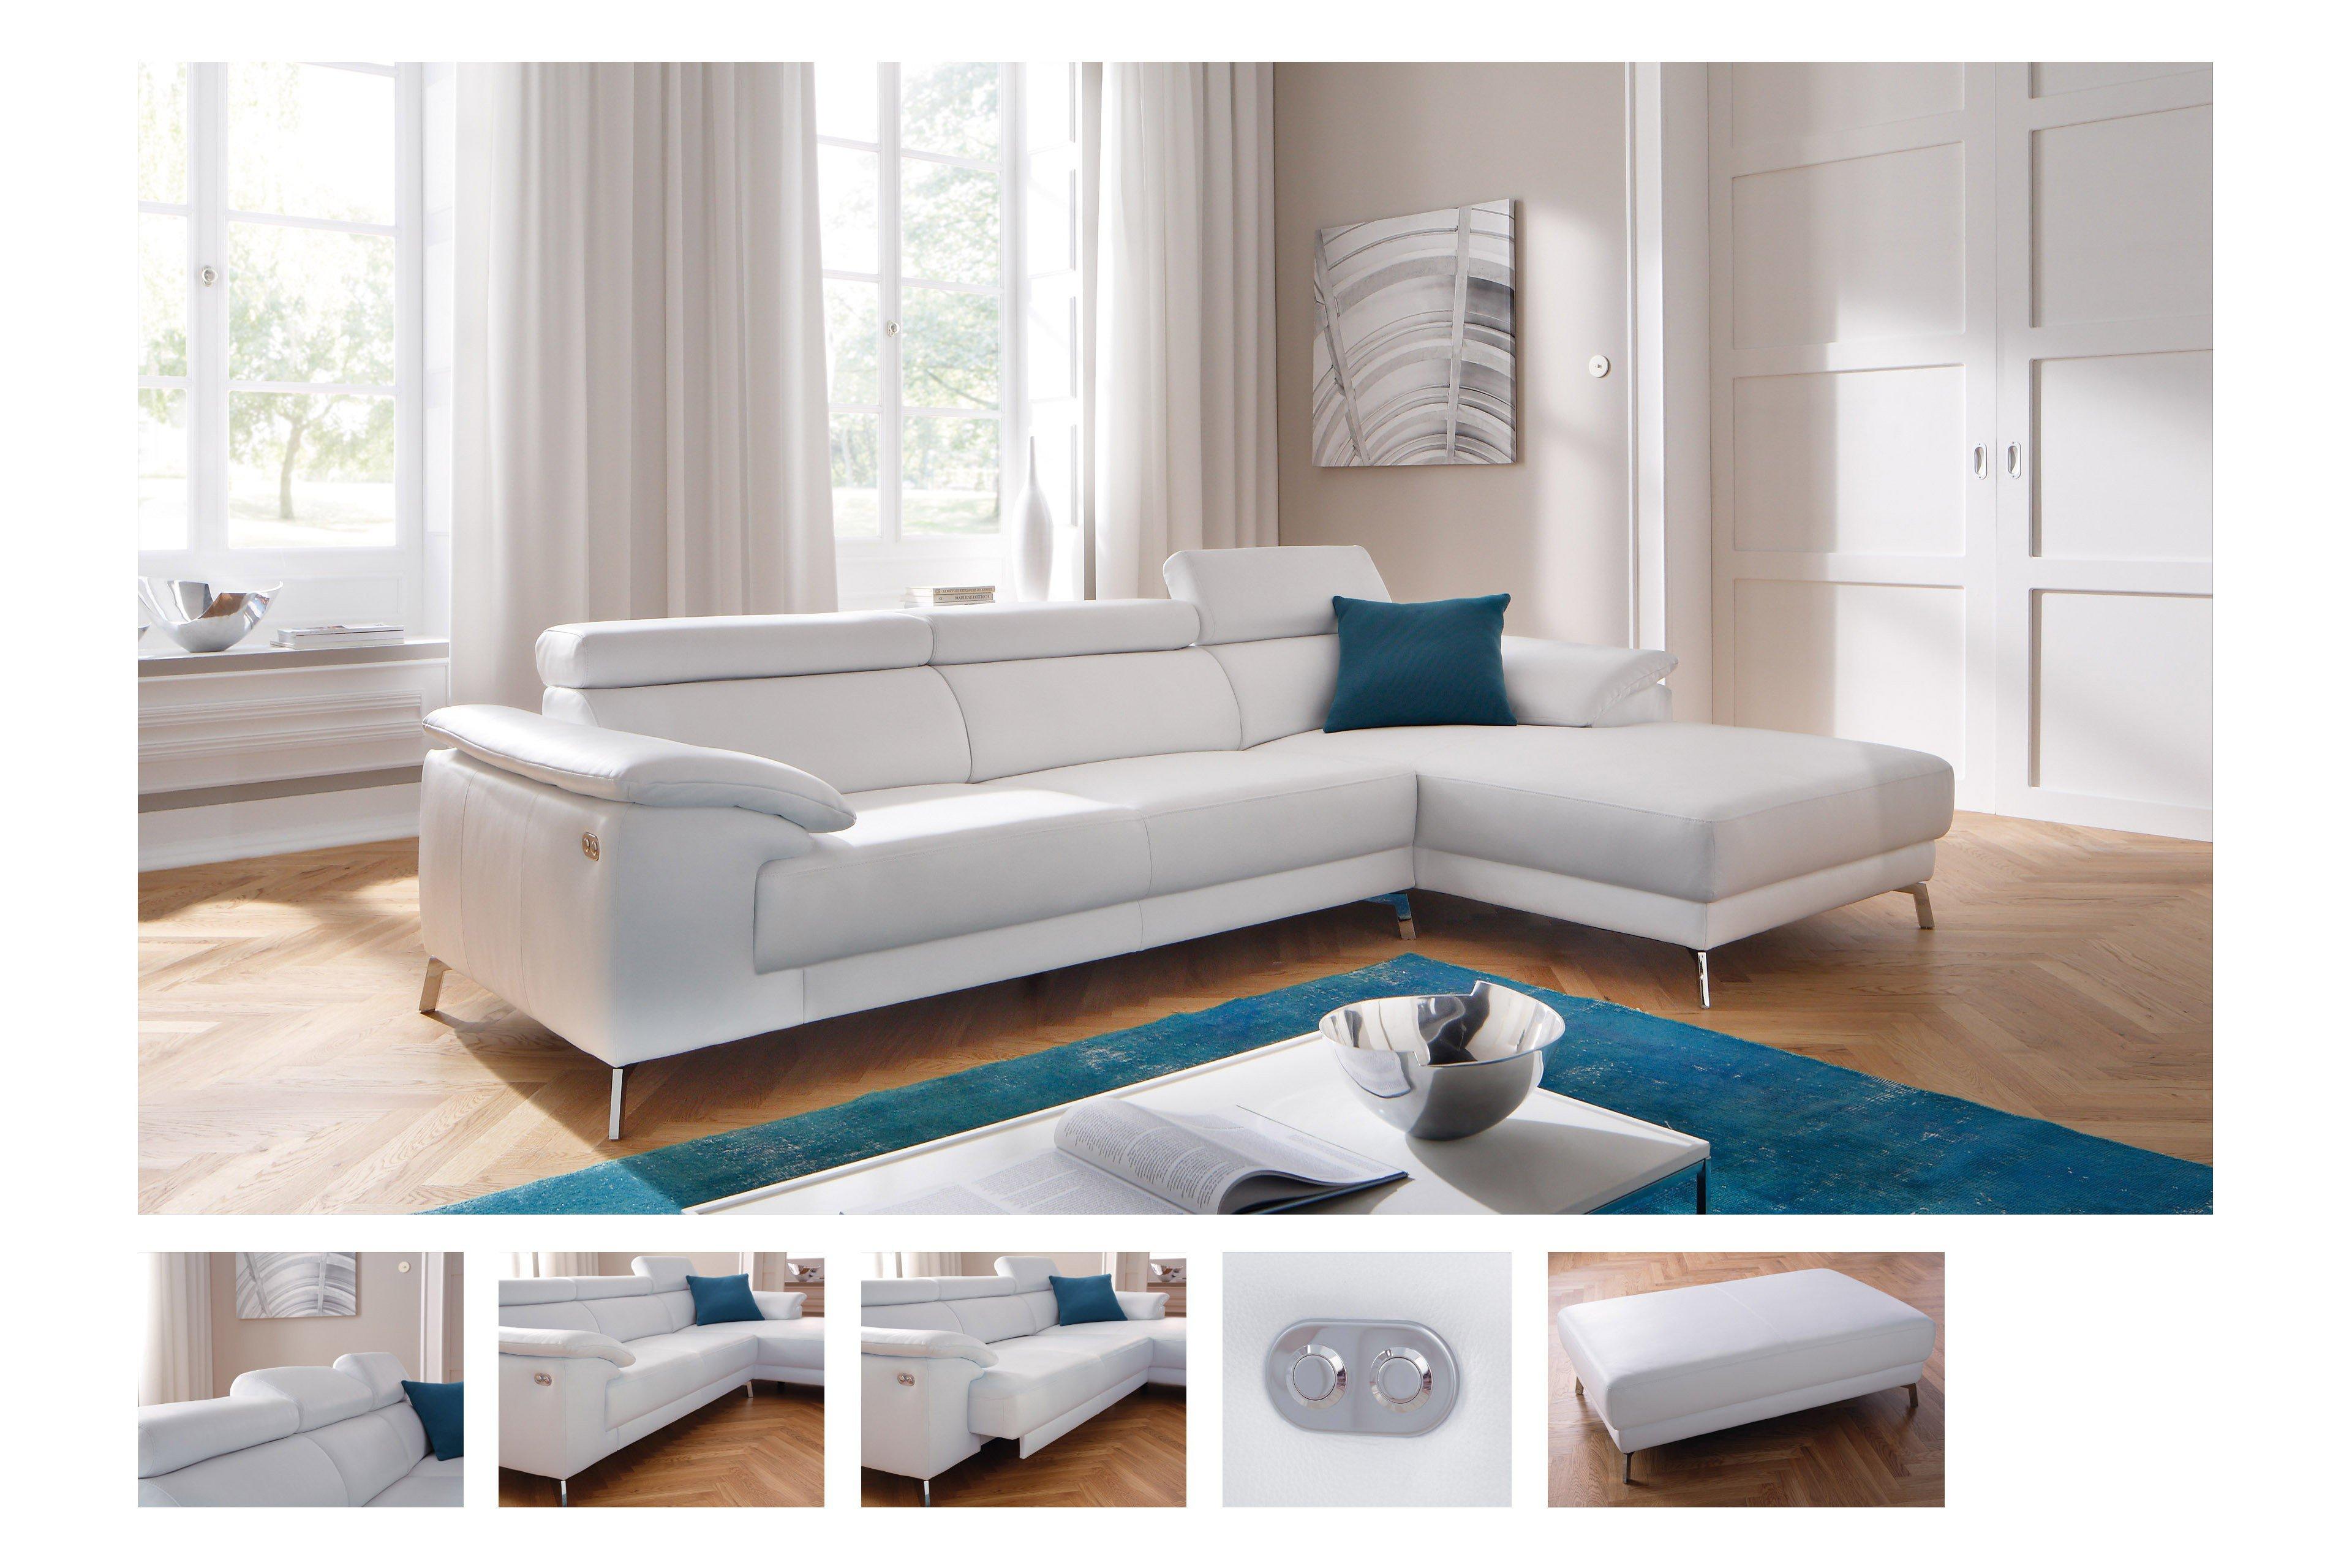 Malerisch Sofa Ecke Dekoration Von Cordoba Von Candy - Sofaecke Ausführung Rechts